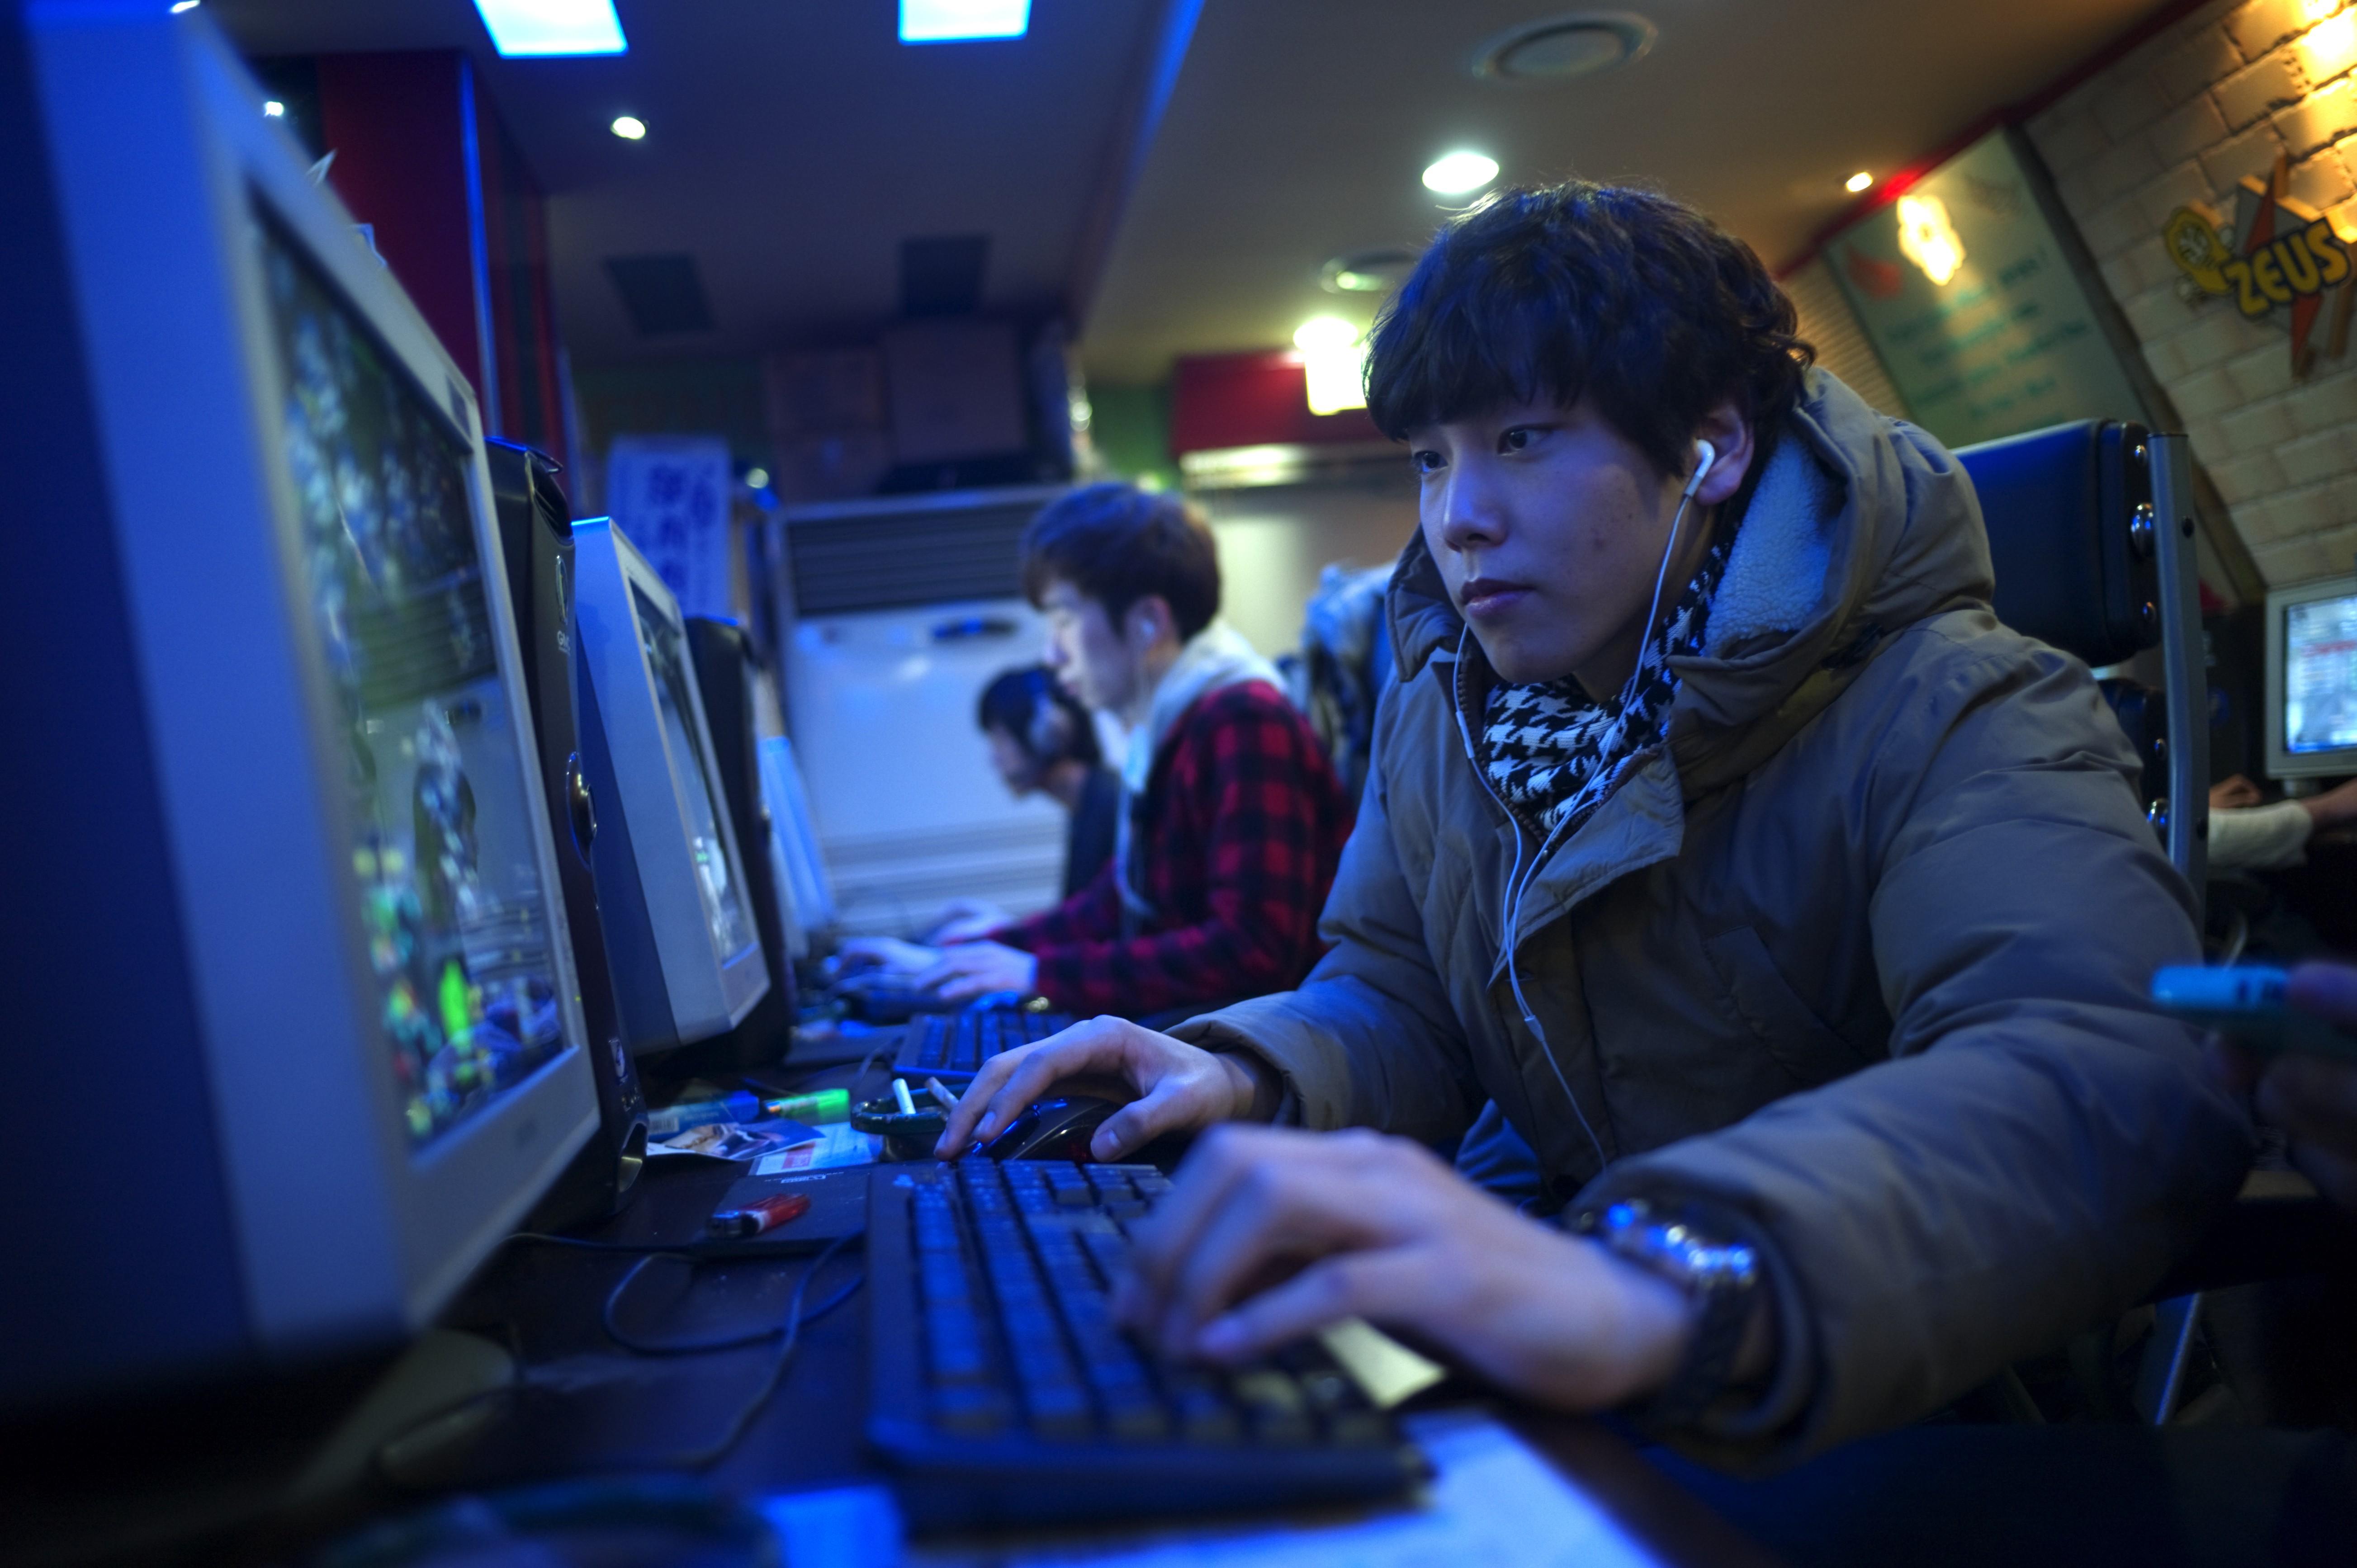 High-Tech South Korea